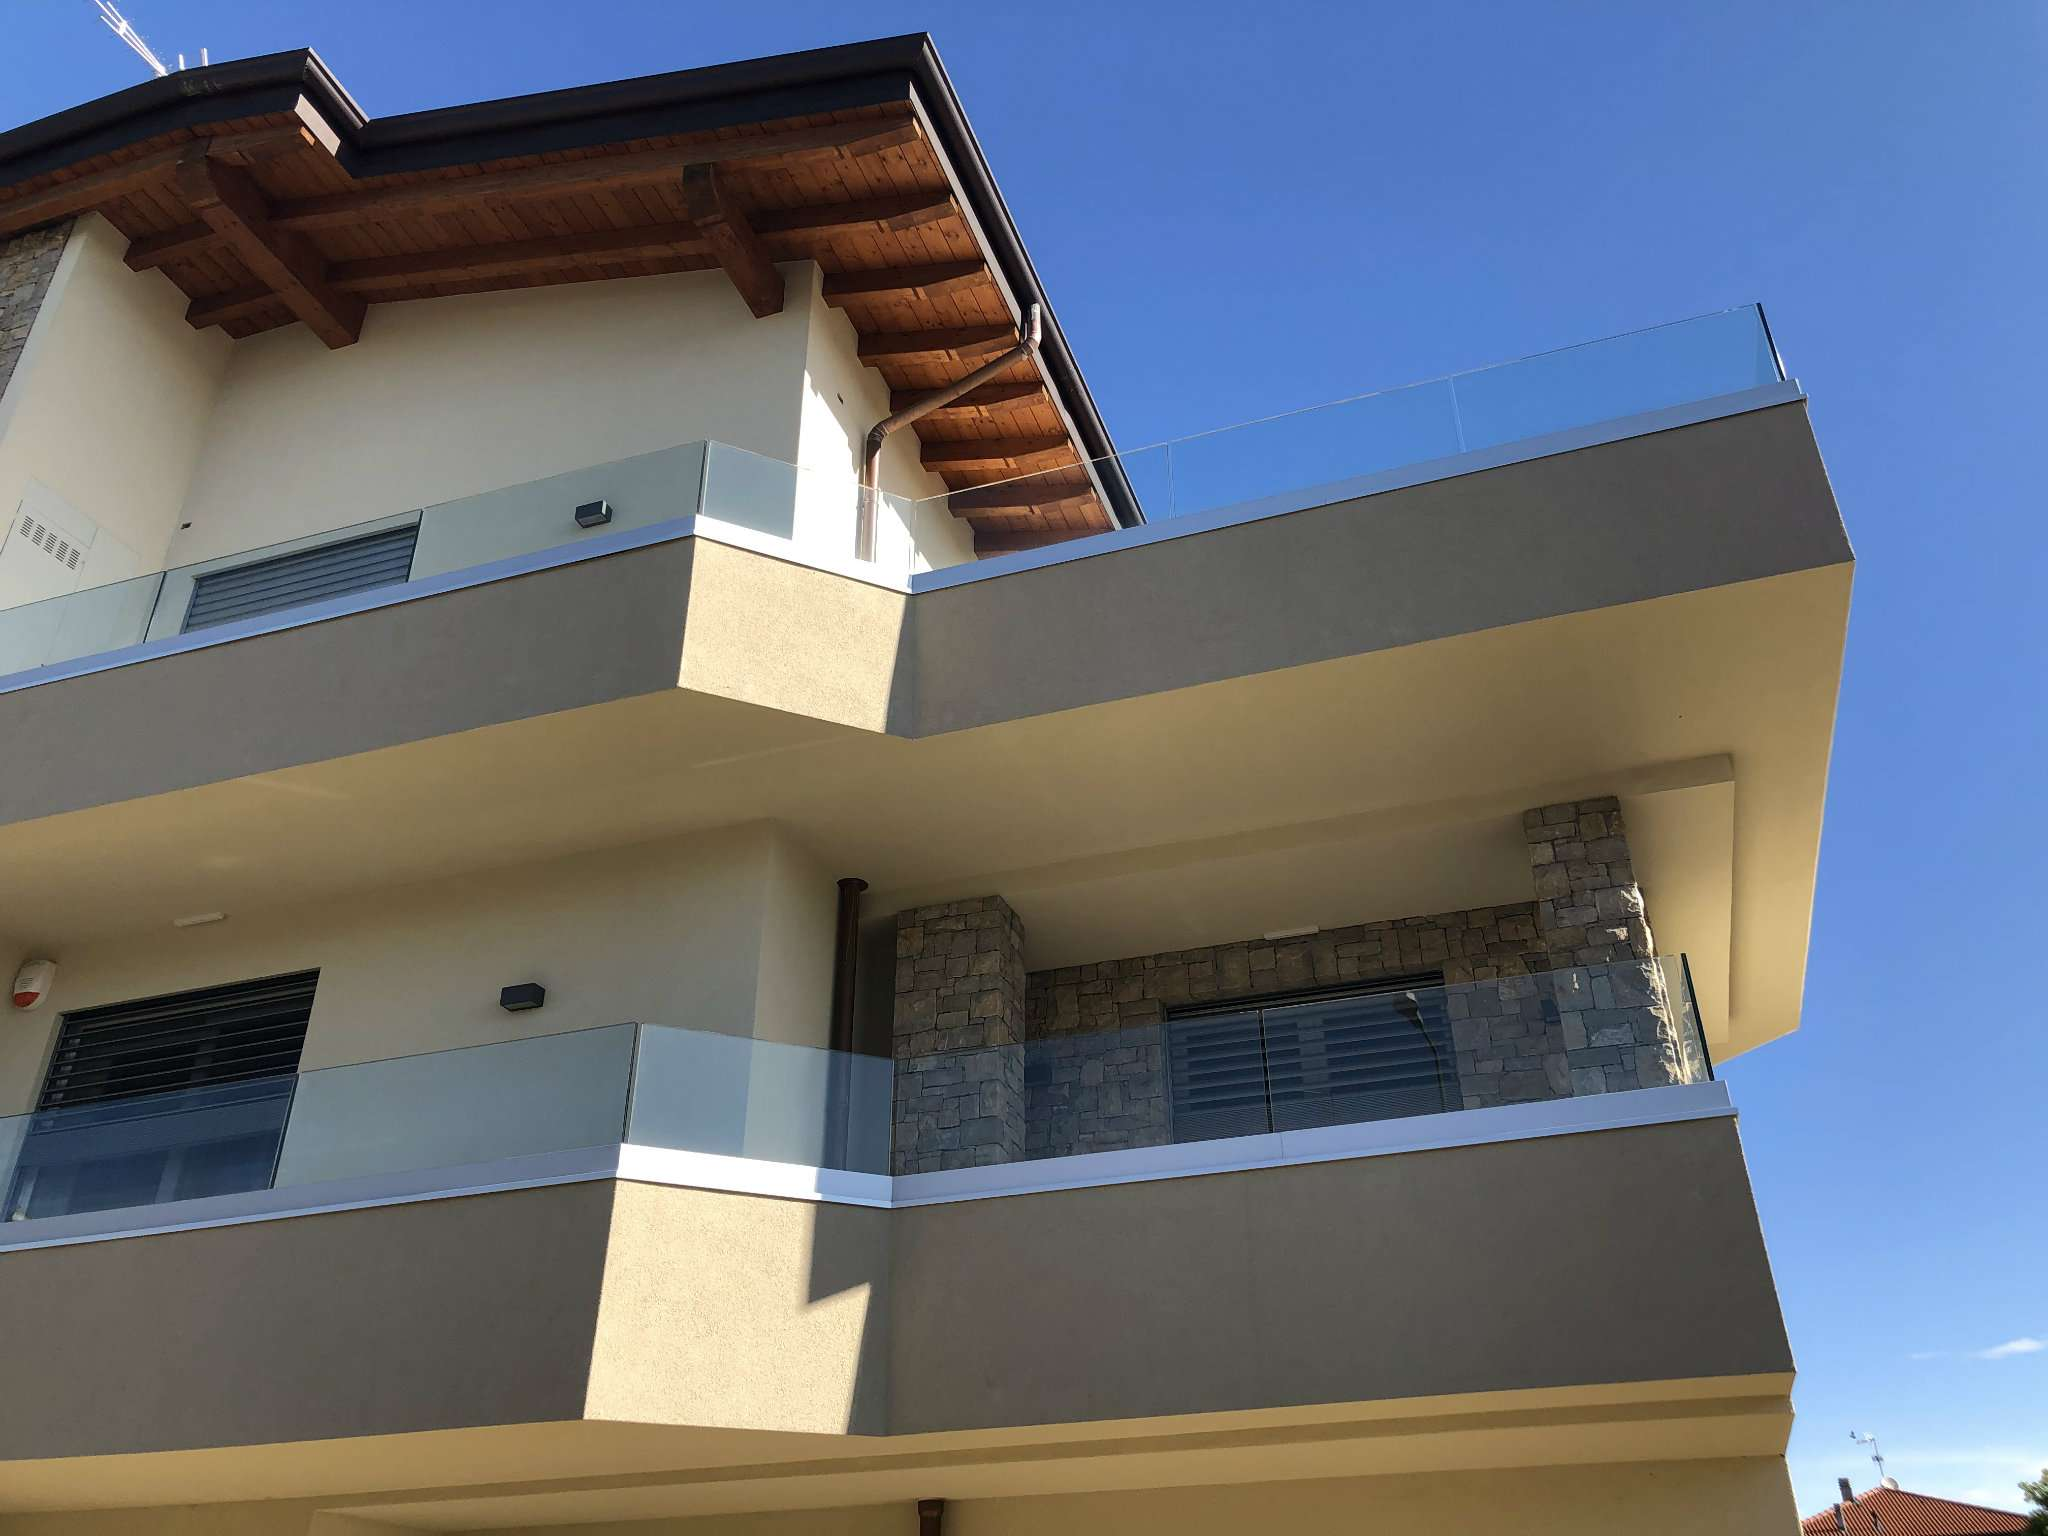 Attico / Mansarda in vendita a Stezzano, 4 locali, prezzo € 376.000 | PortaleAgenzieImmobiliari.it